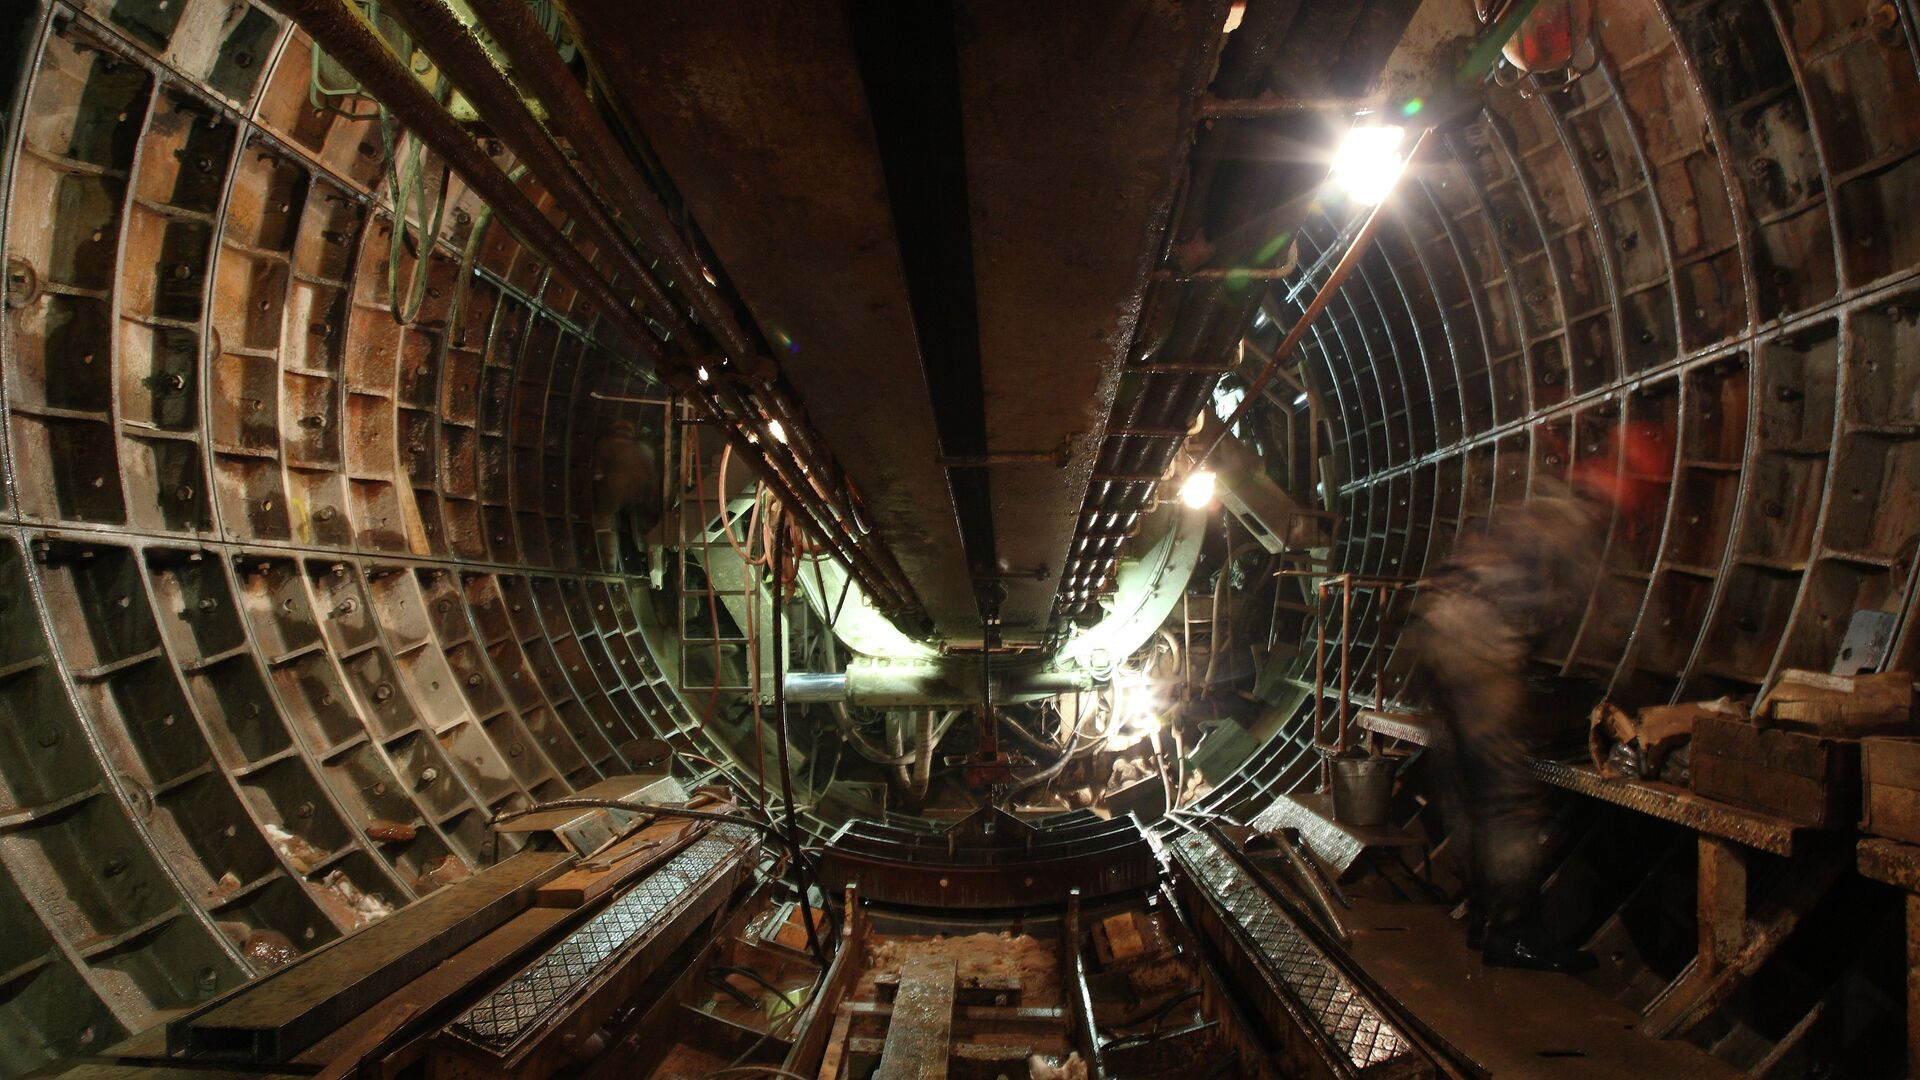 Строители красноярского метро готовы сдать первую ветку через 4-5 лет - РИА Новости, 1920, 27.07.2021